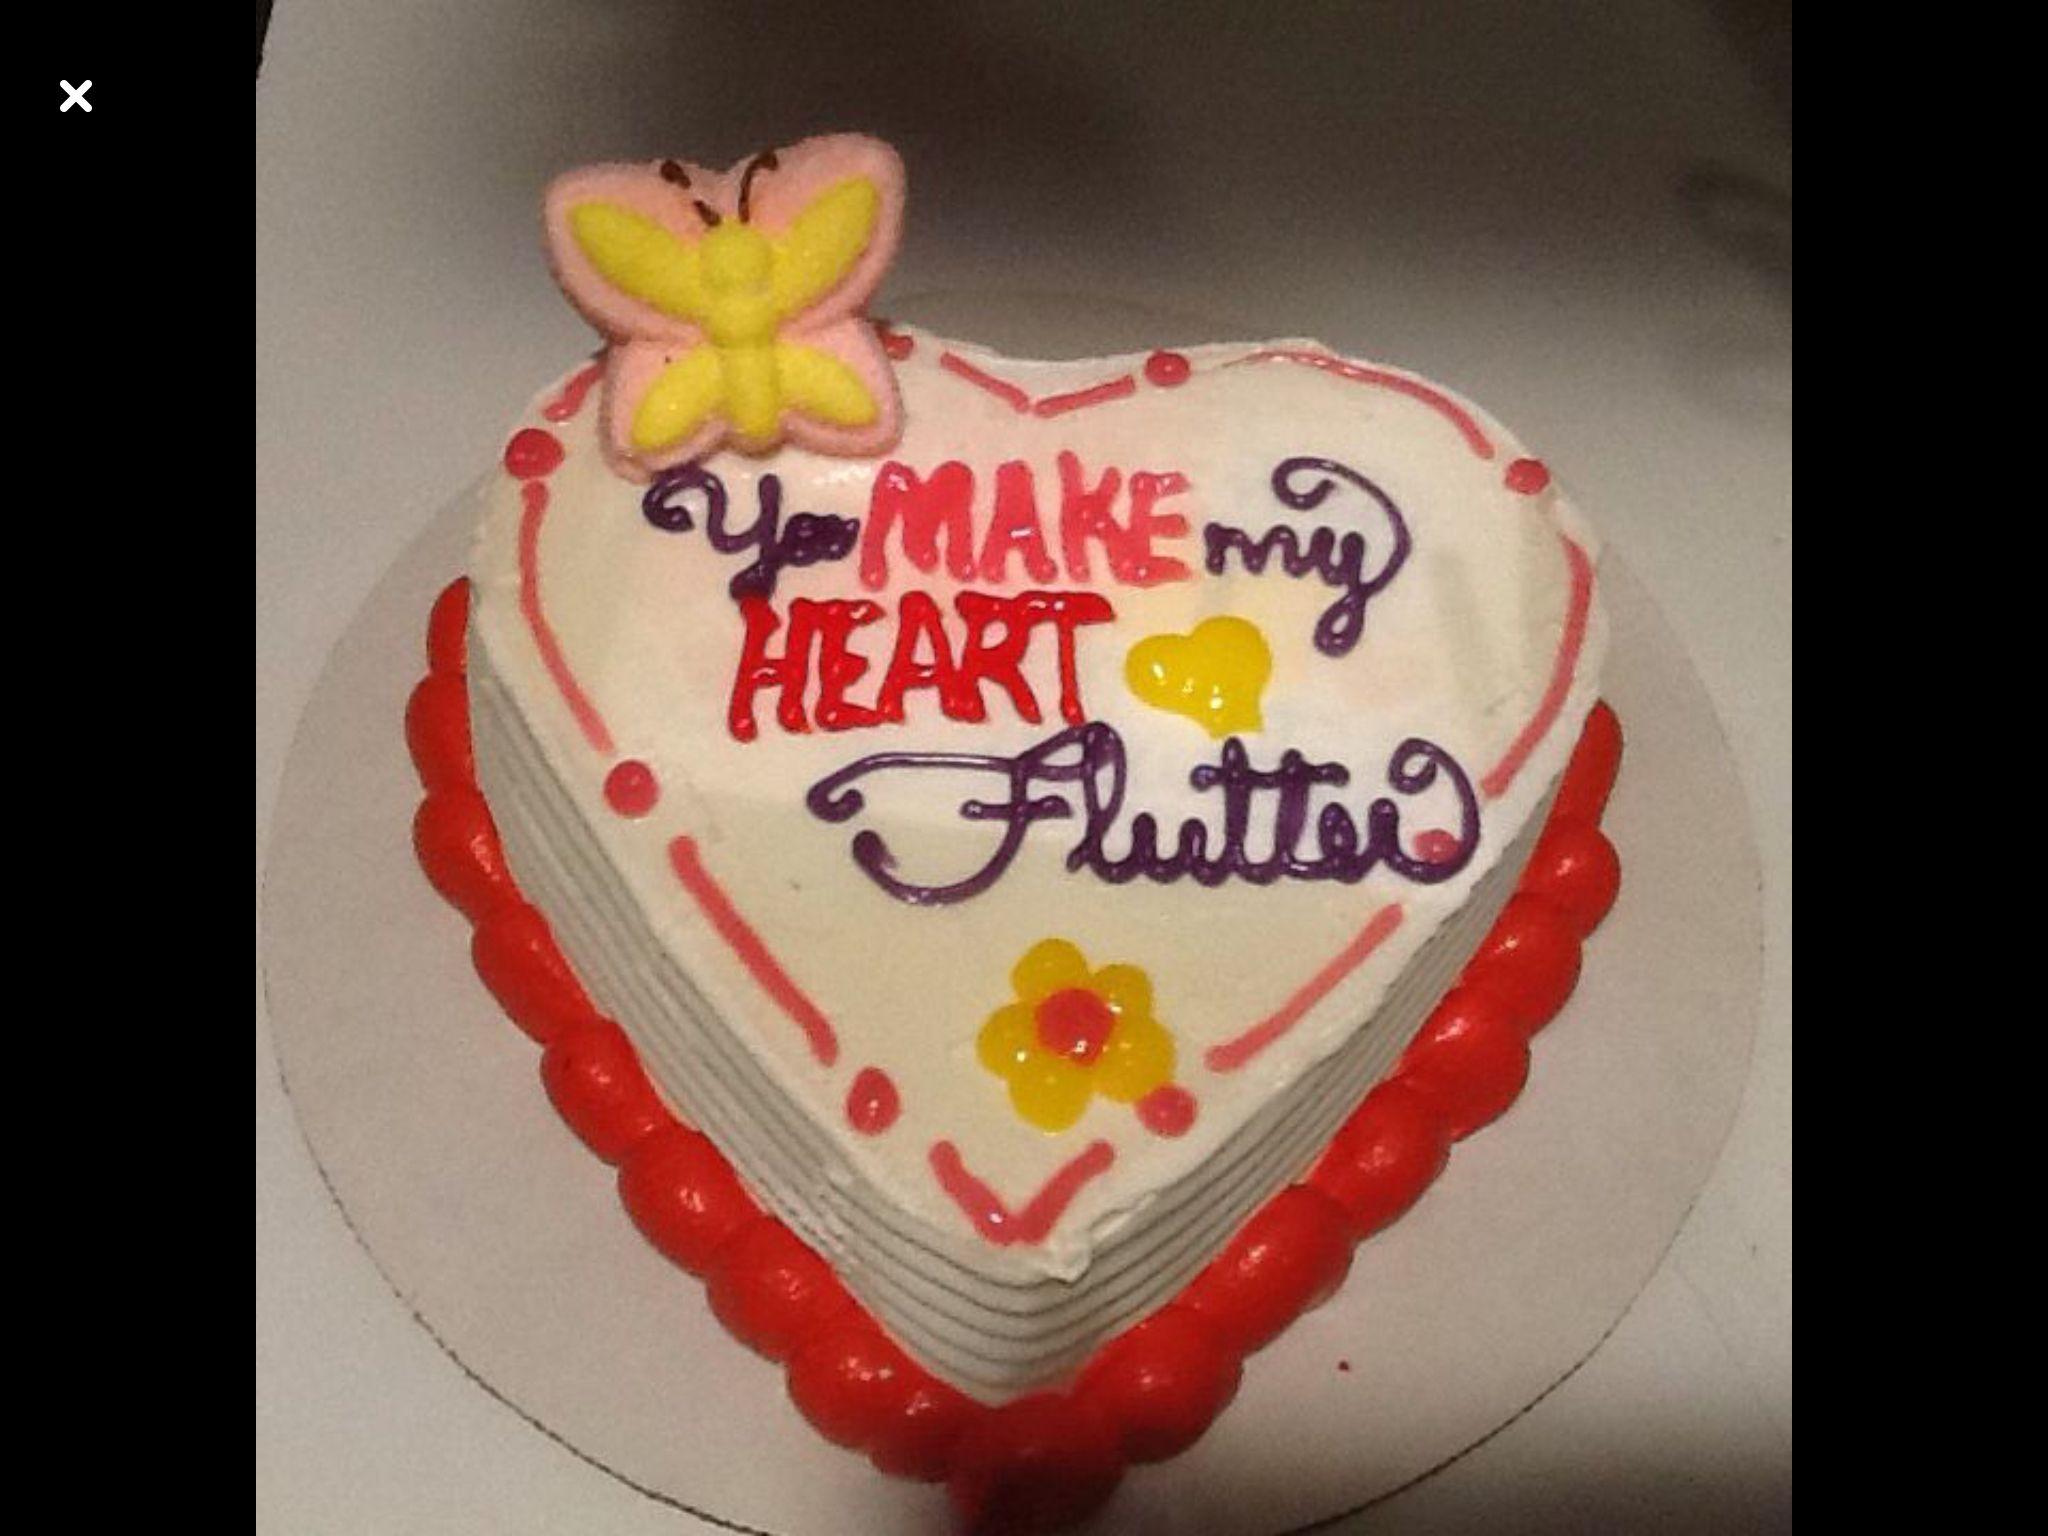 Dq dairy queen cakes mini heartfarmington nm dairy